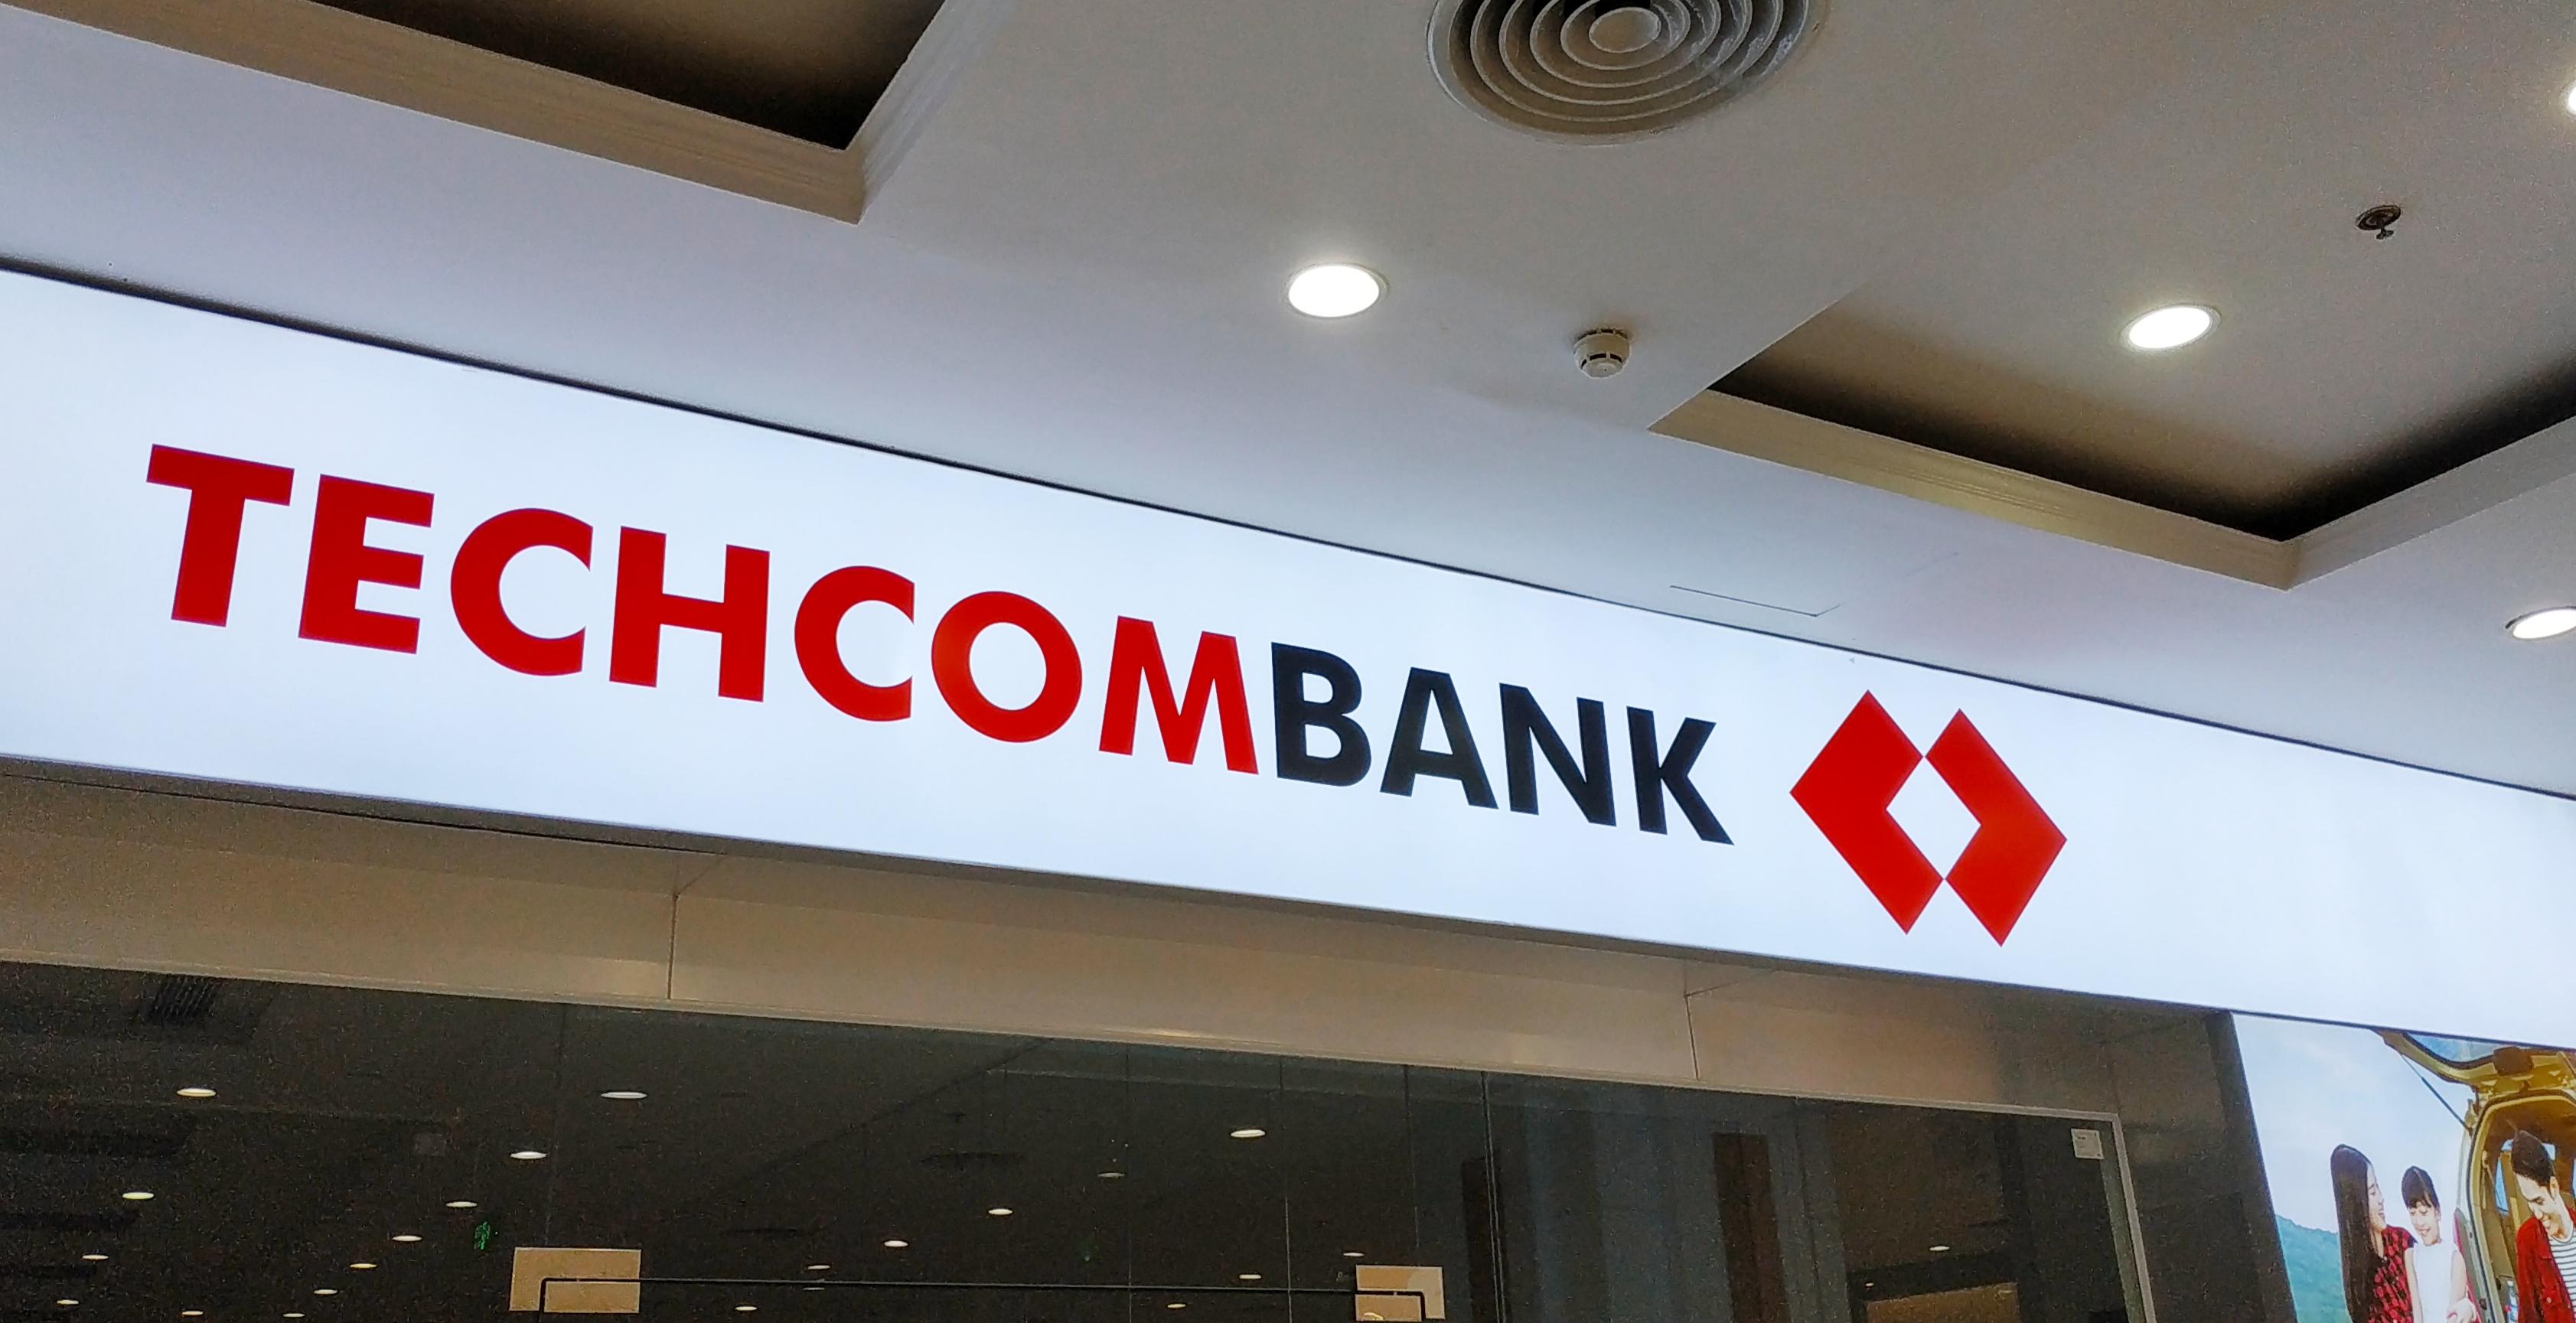 Techcombank vừa huy động 5.000 tỷ đồng trái phiếu không bảo đảm - Ảnh 1.